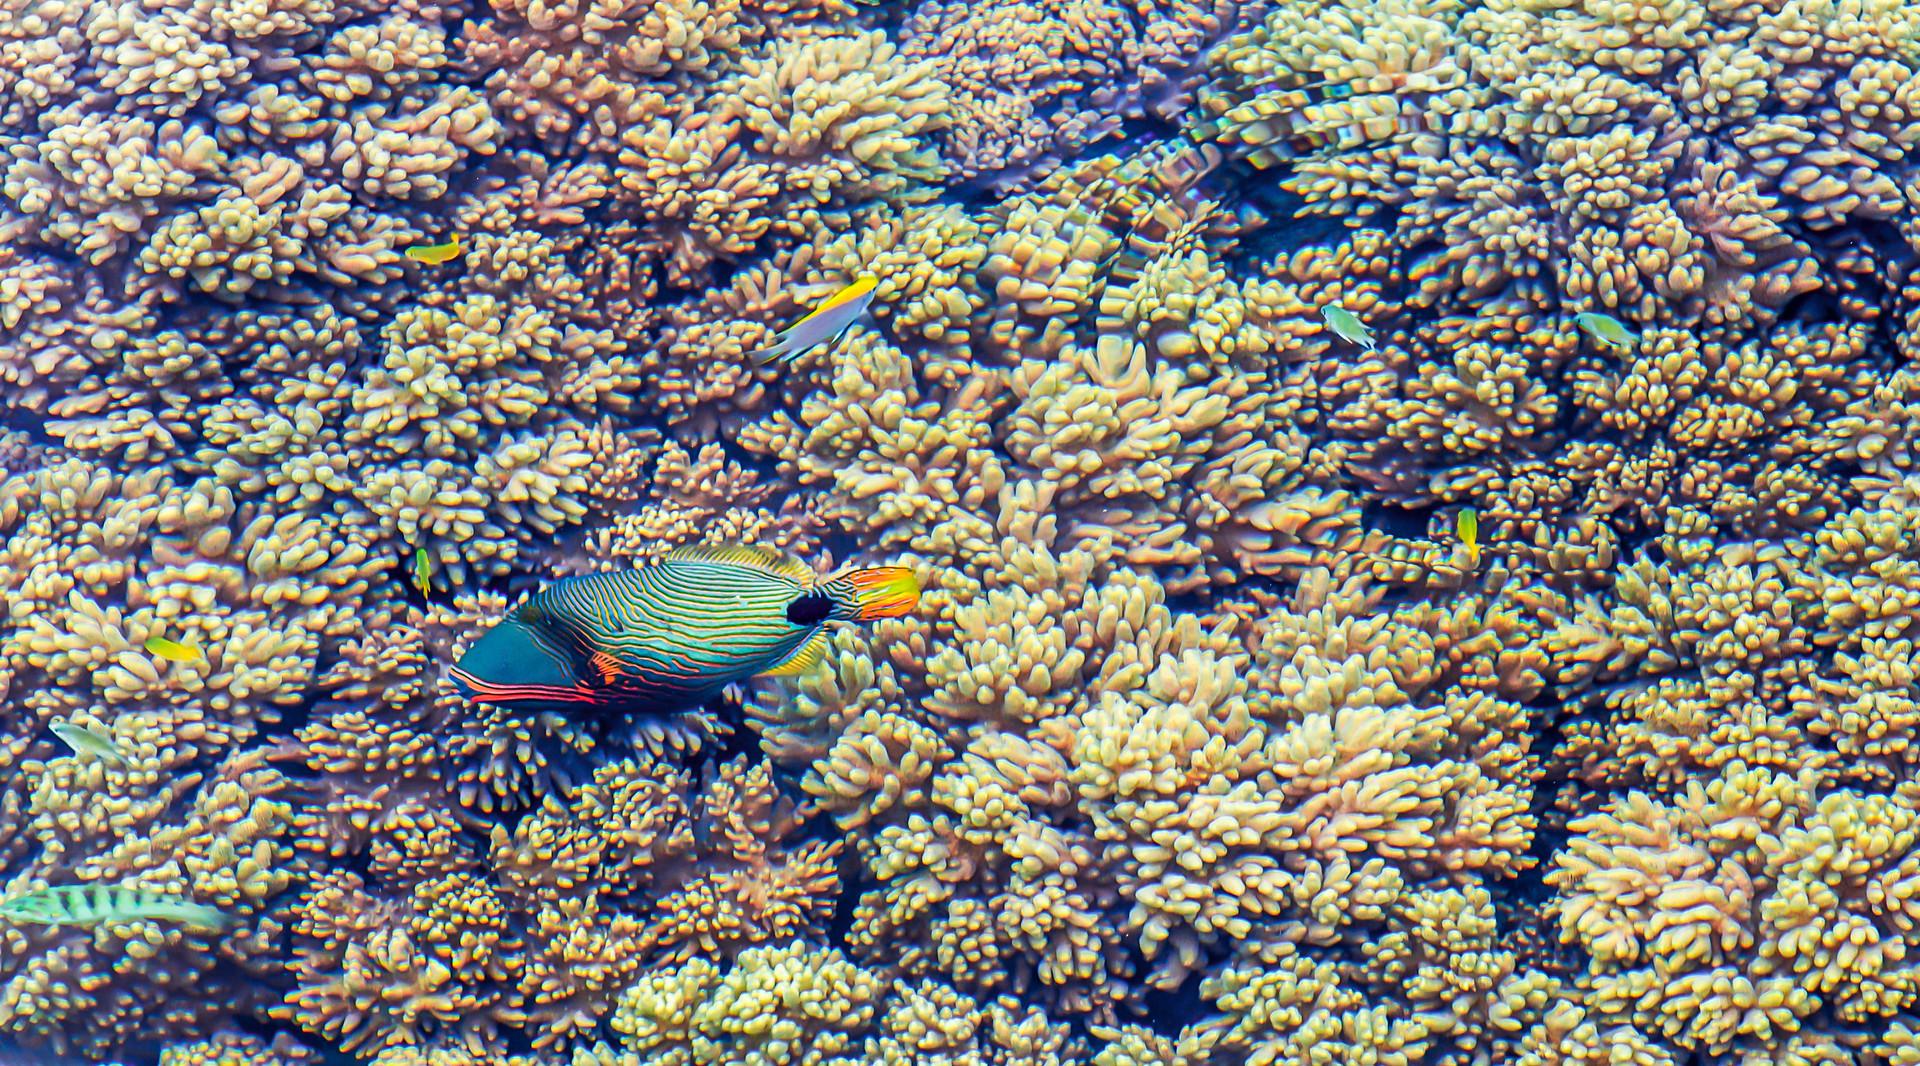 大堡礁珊瑚封面图